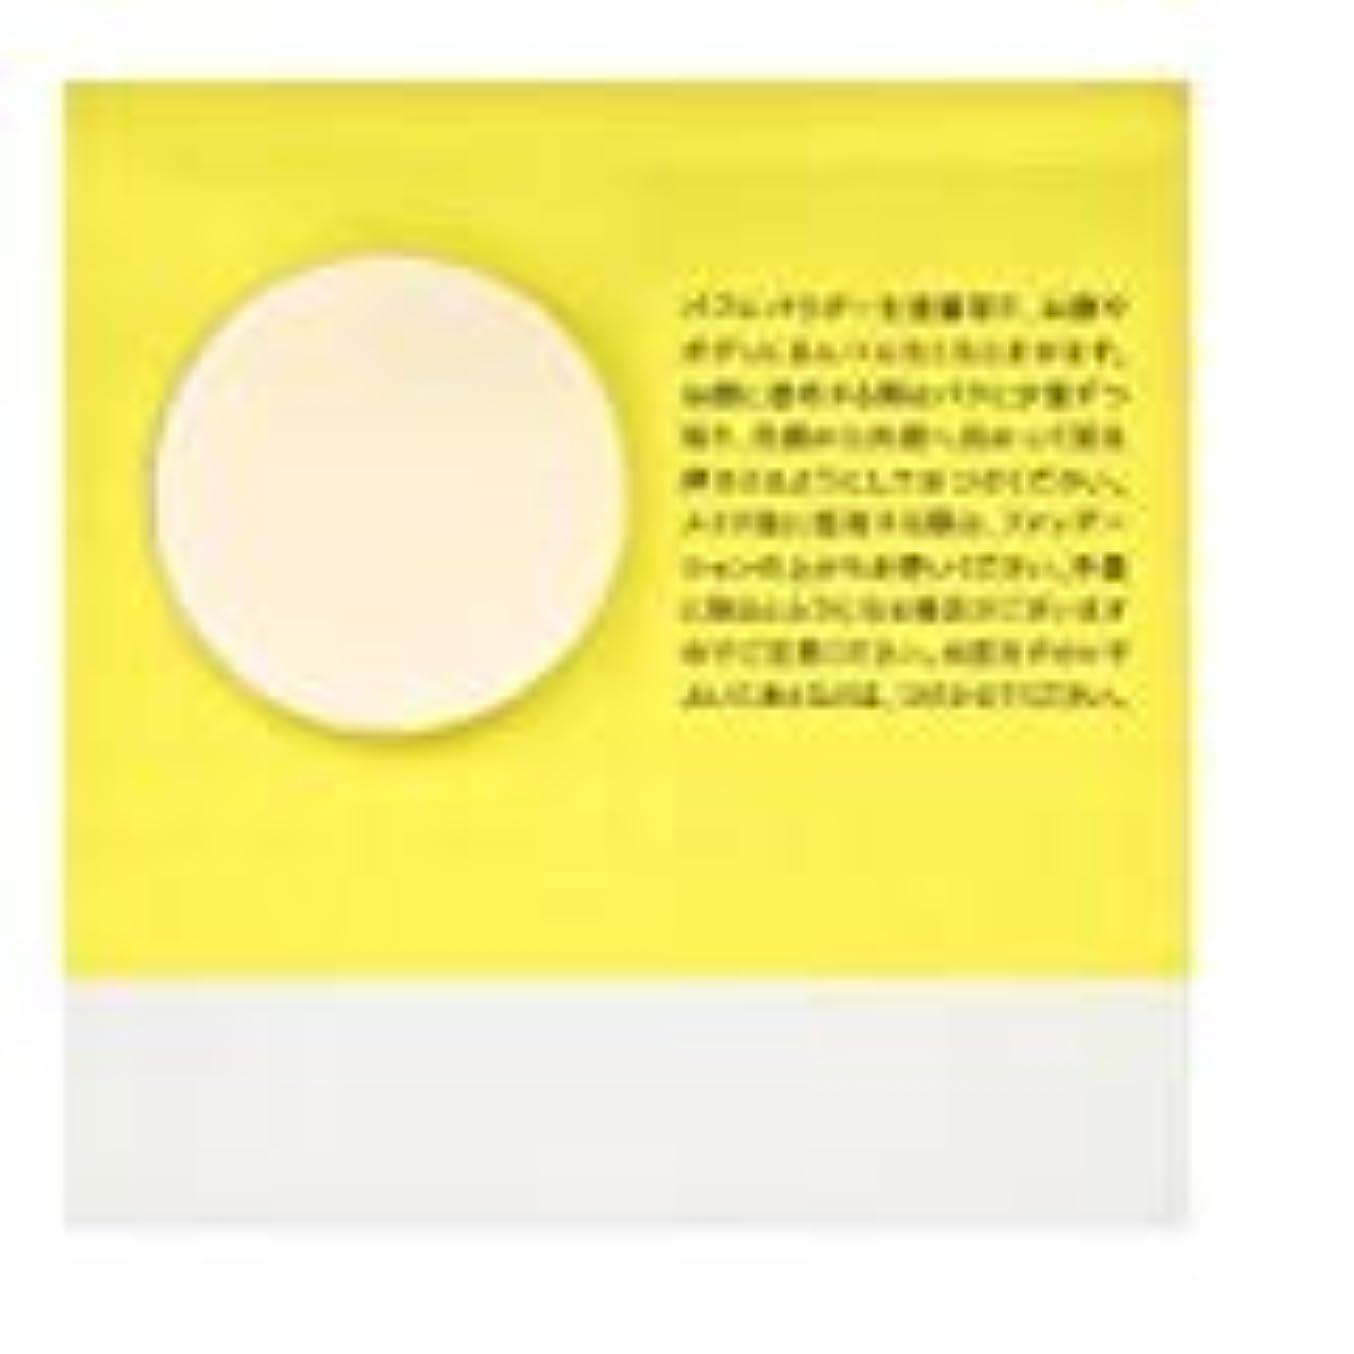 ドループ多分命題amritara(アムリターラ) オールライトサンスクリーンパウダー SPF38 PA+++ トライアル (ミニパフ付き)